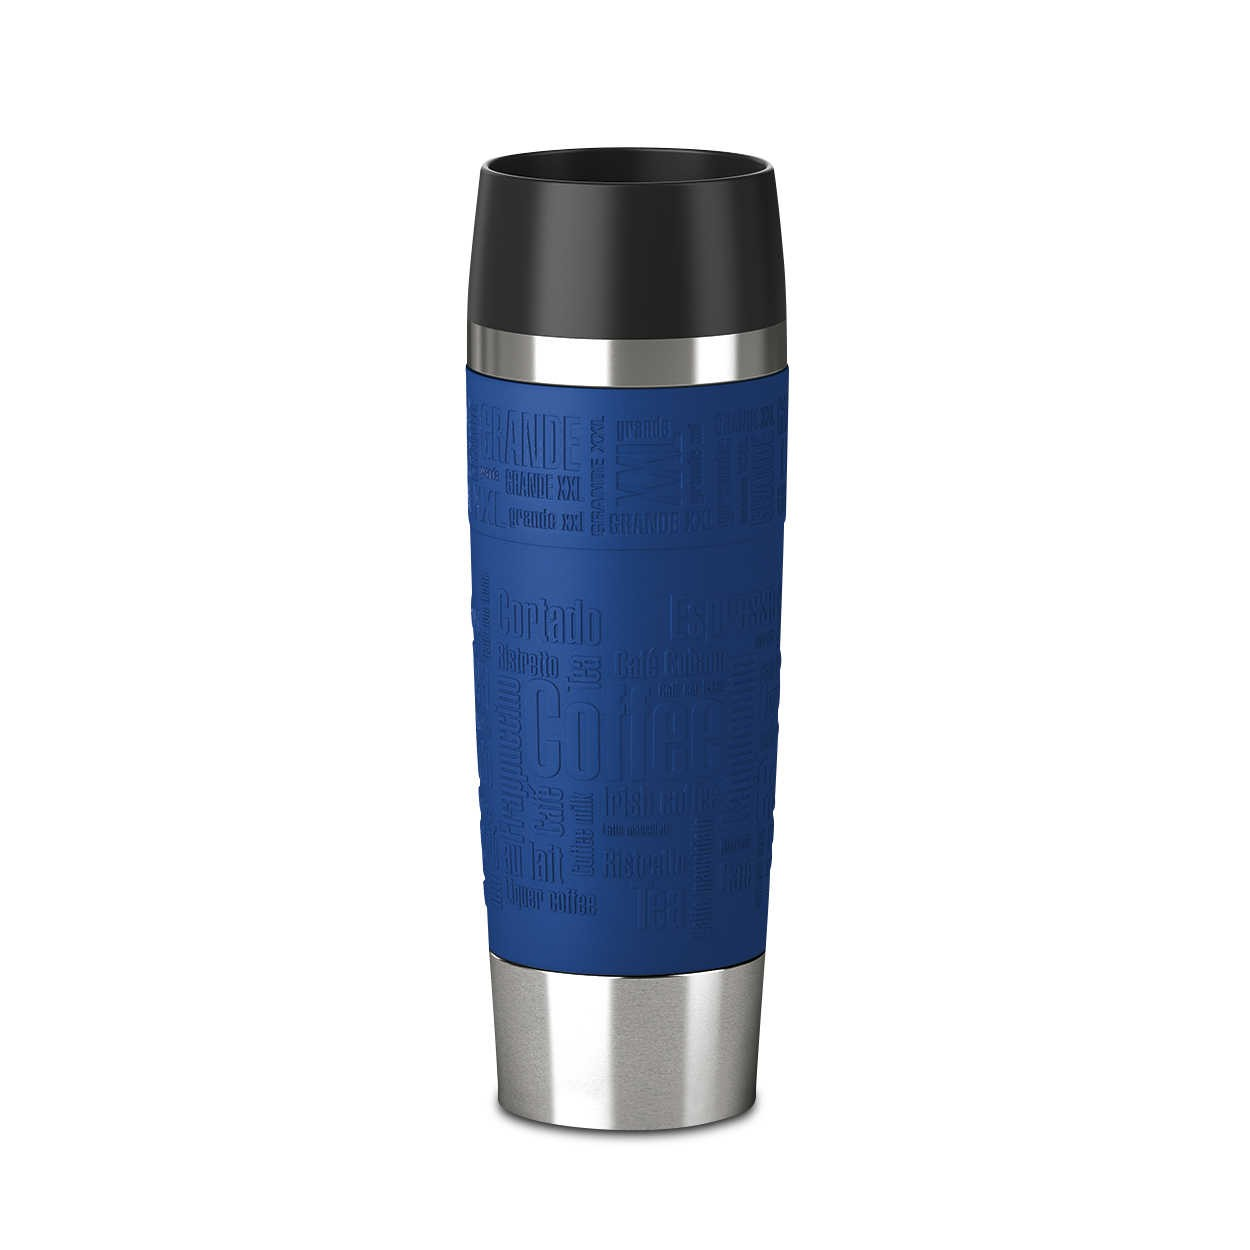 emsa thermosbecher travel mug blau edelstahl online kaufen bei woonio. Black Bedroom Furniture Sets. Home Design Ideas